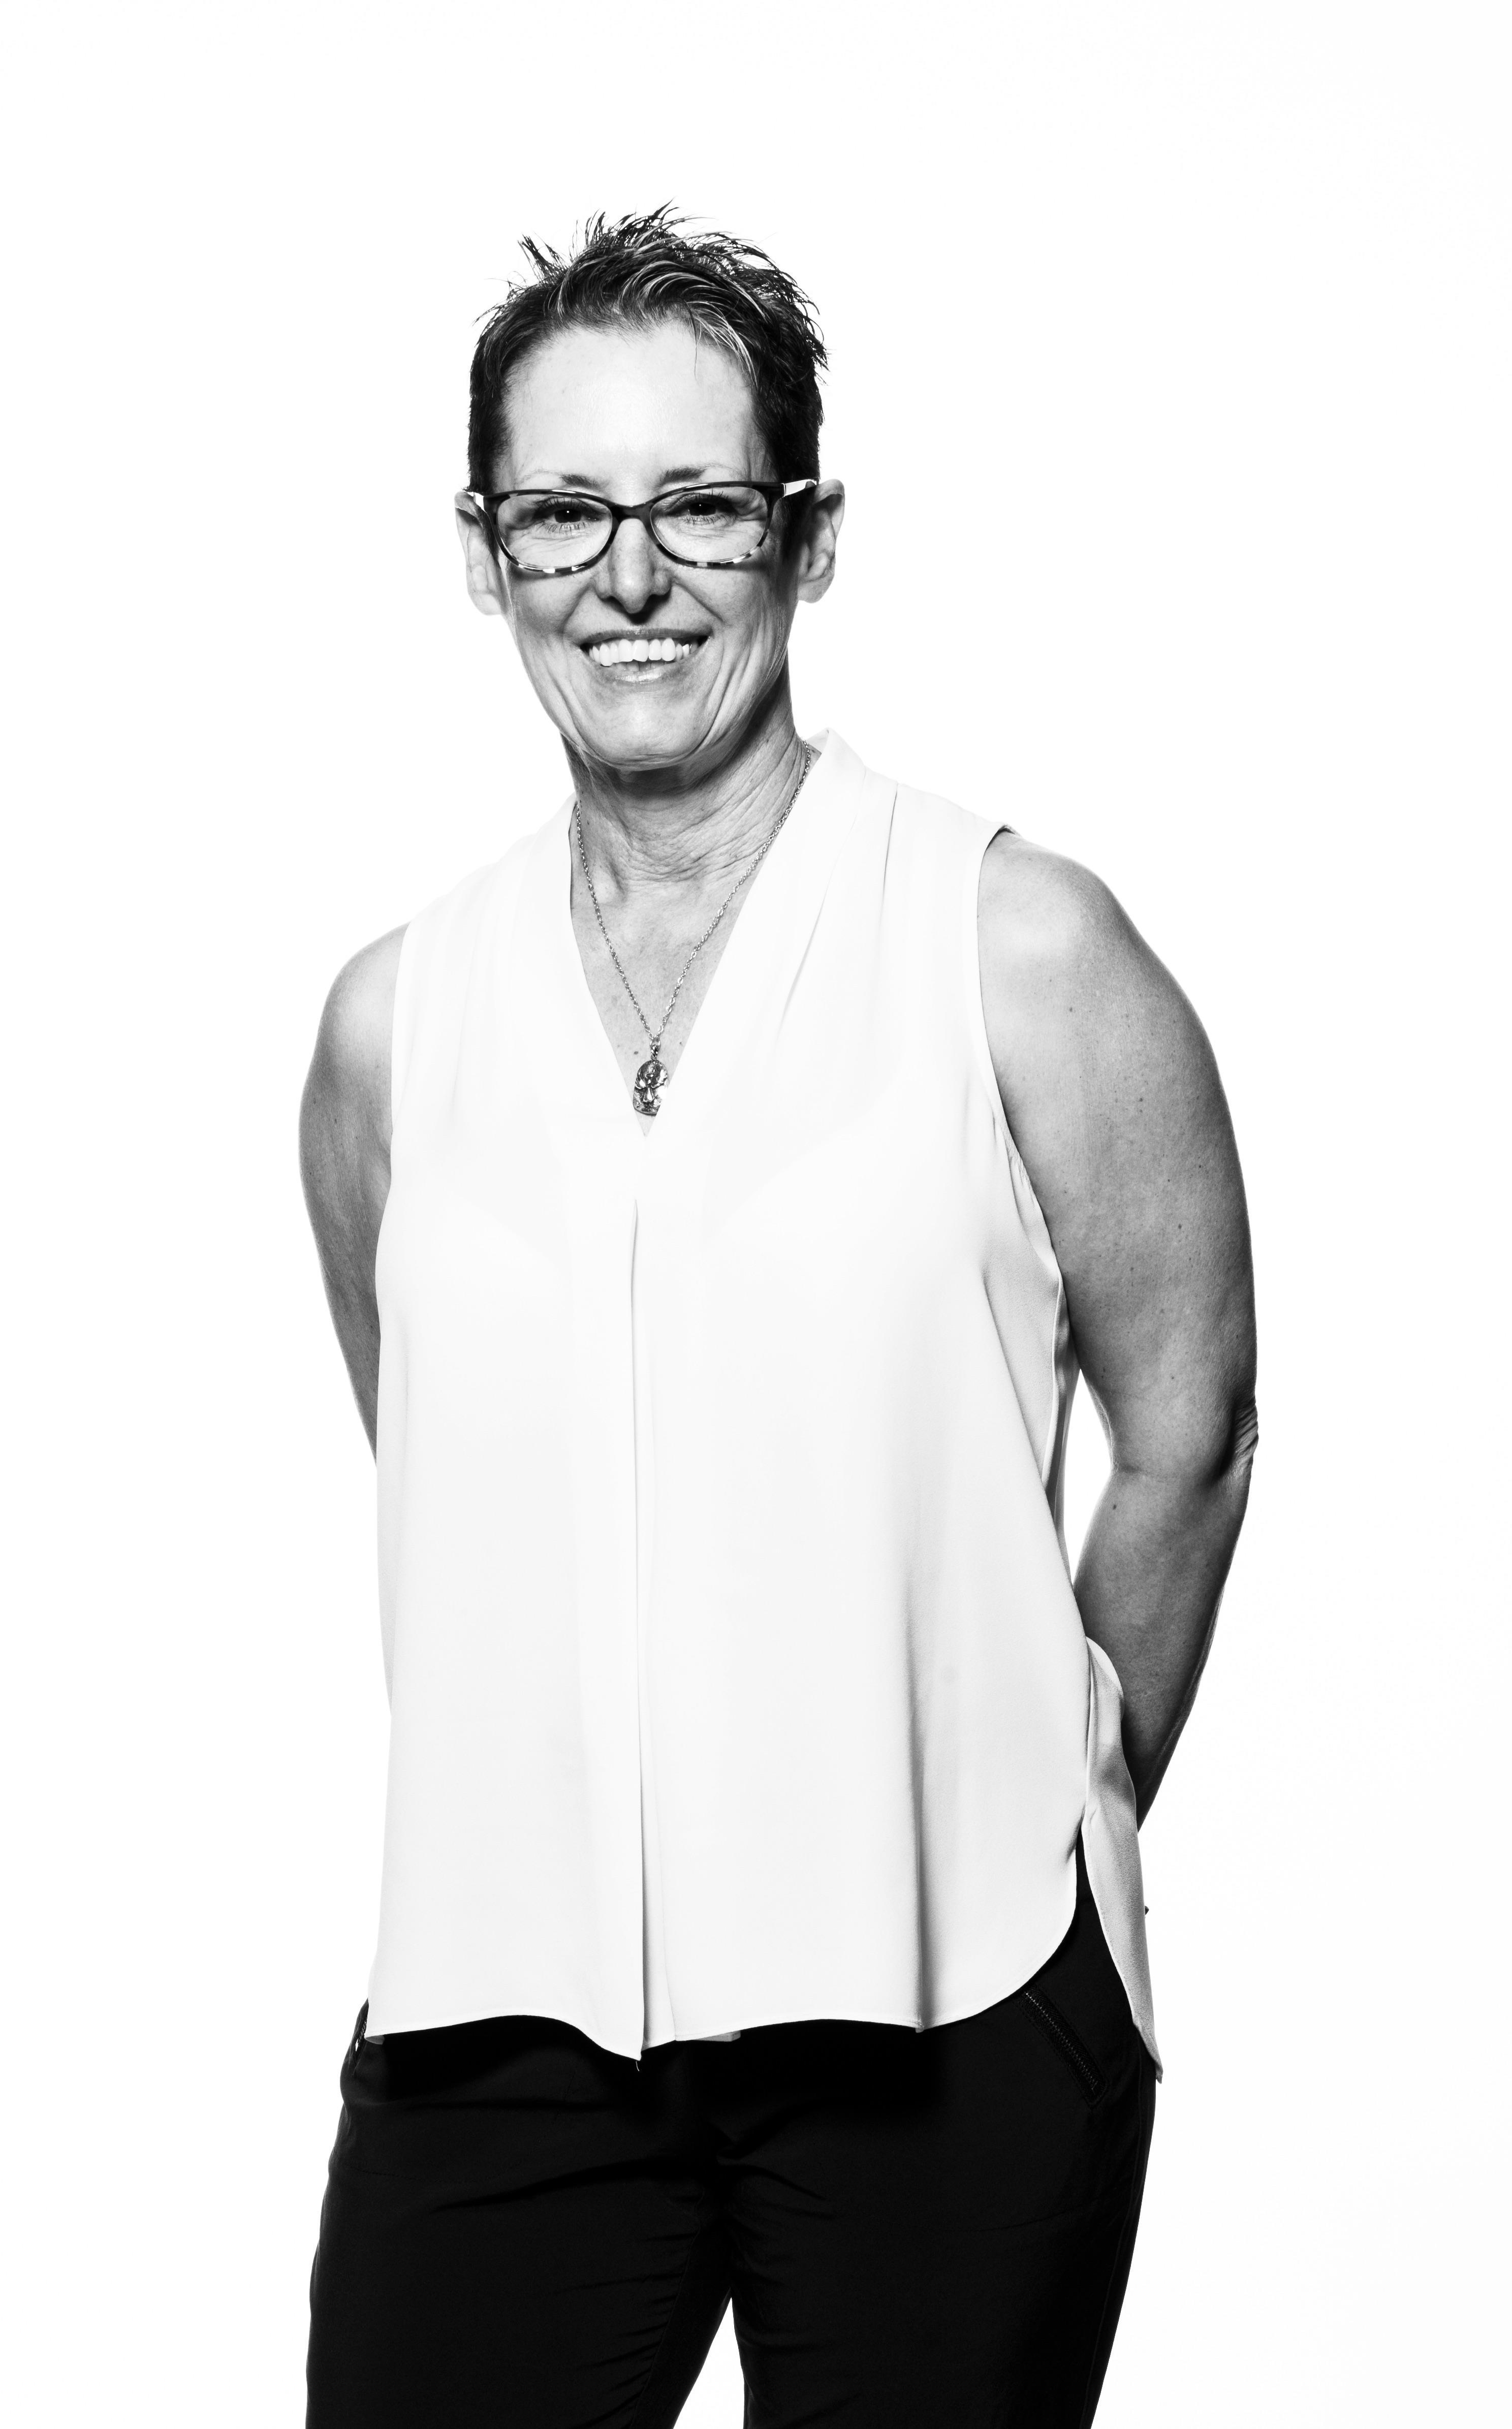 Debbie Linder